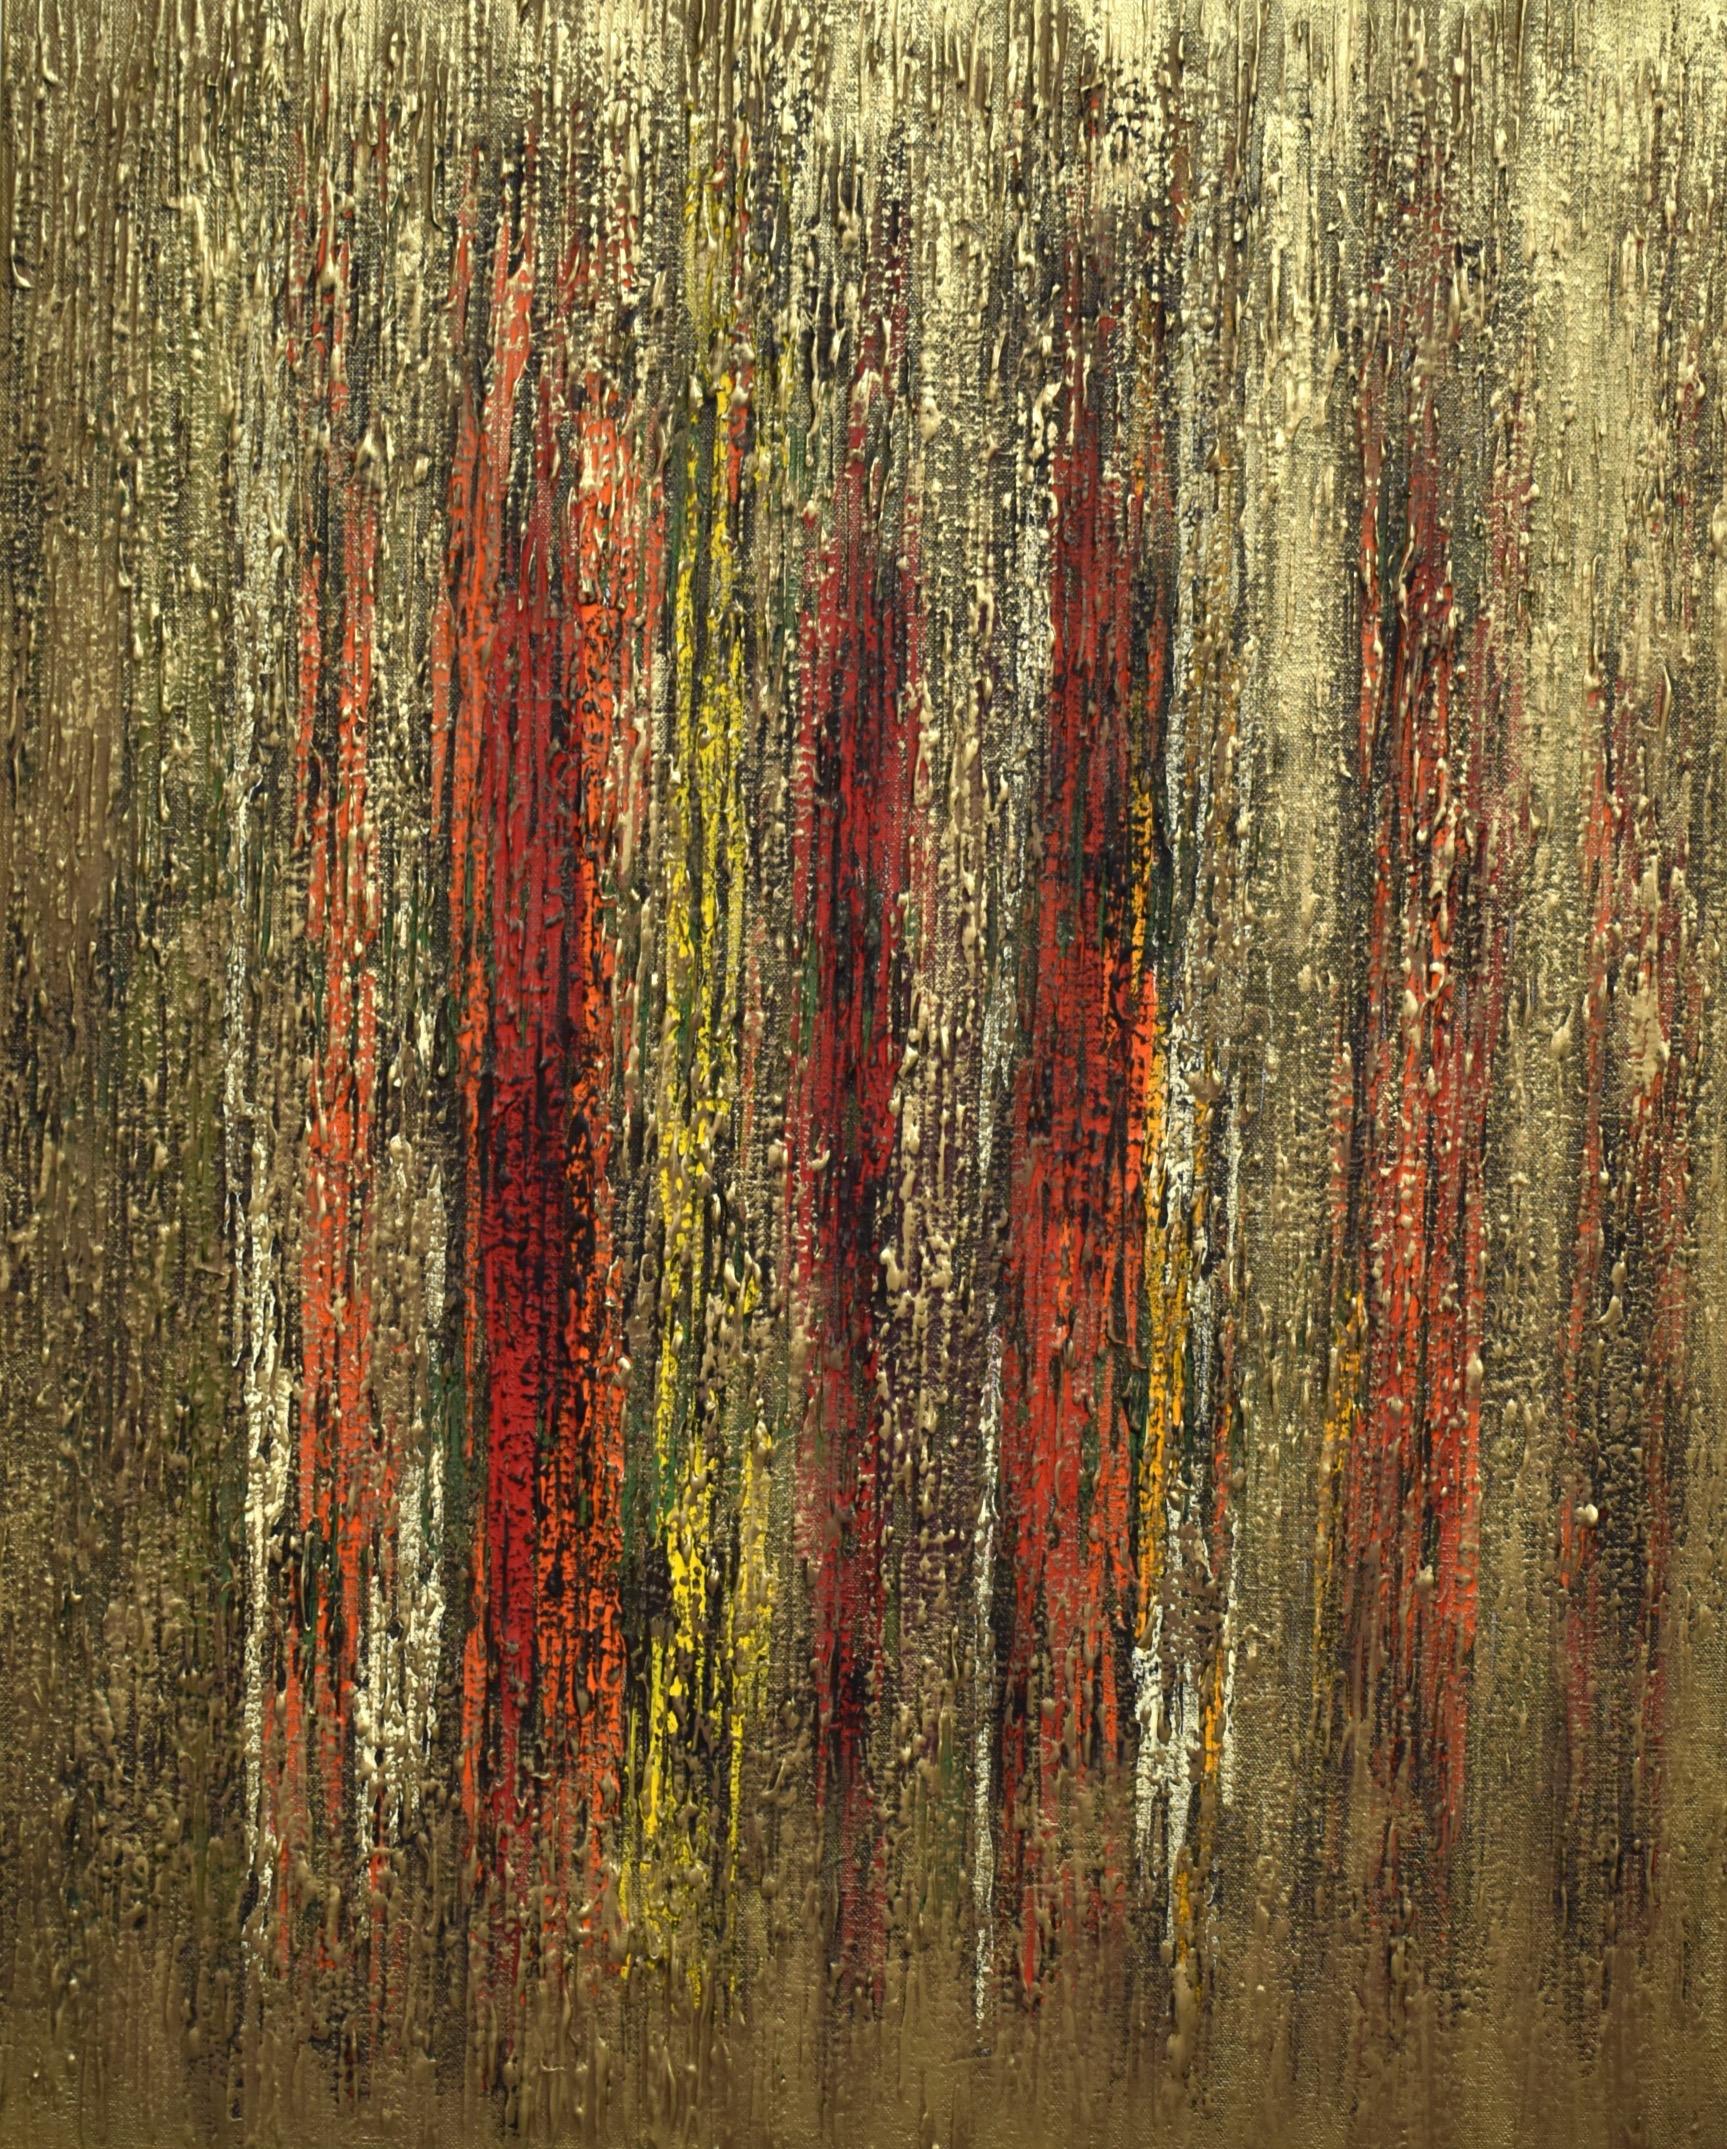 bronze color painting 76x61 cm